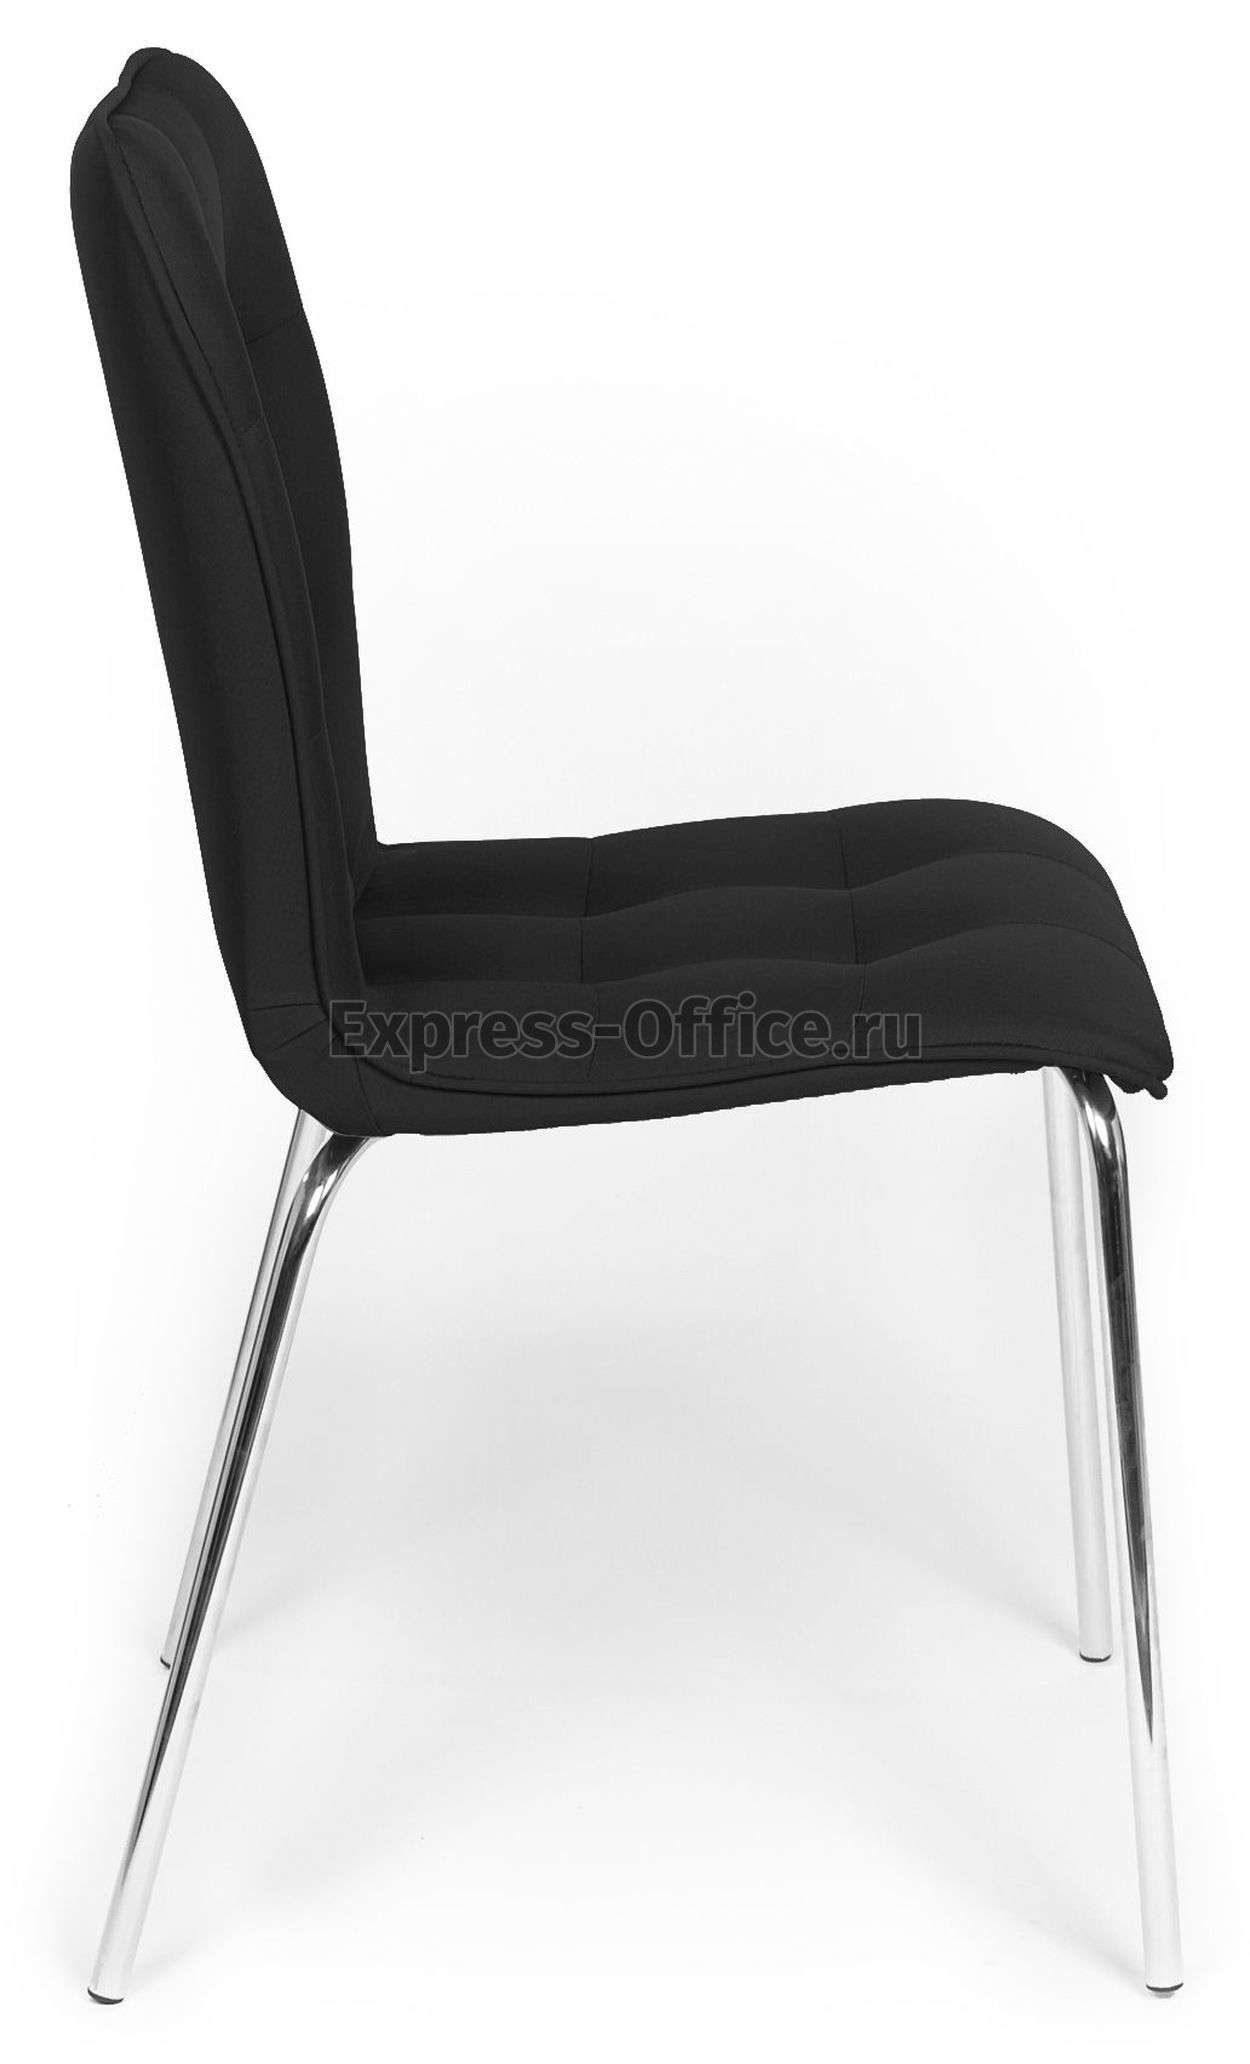 Chaise Longue De Salon Élégant Офисный стуРBit Porto 2 шт в упаковке Россия Of 31 Best Of Chaise Longue De Salon